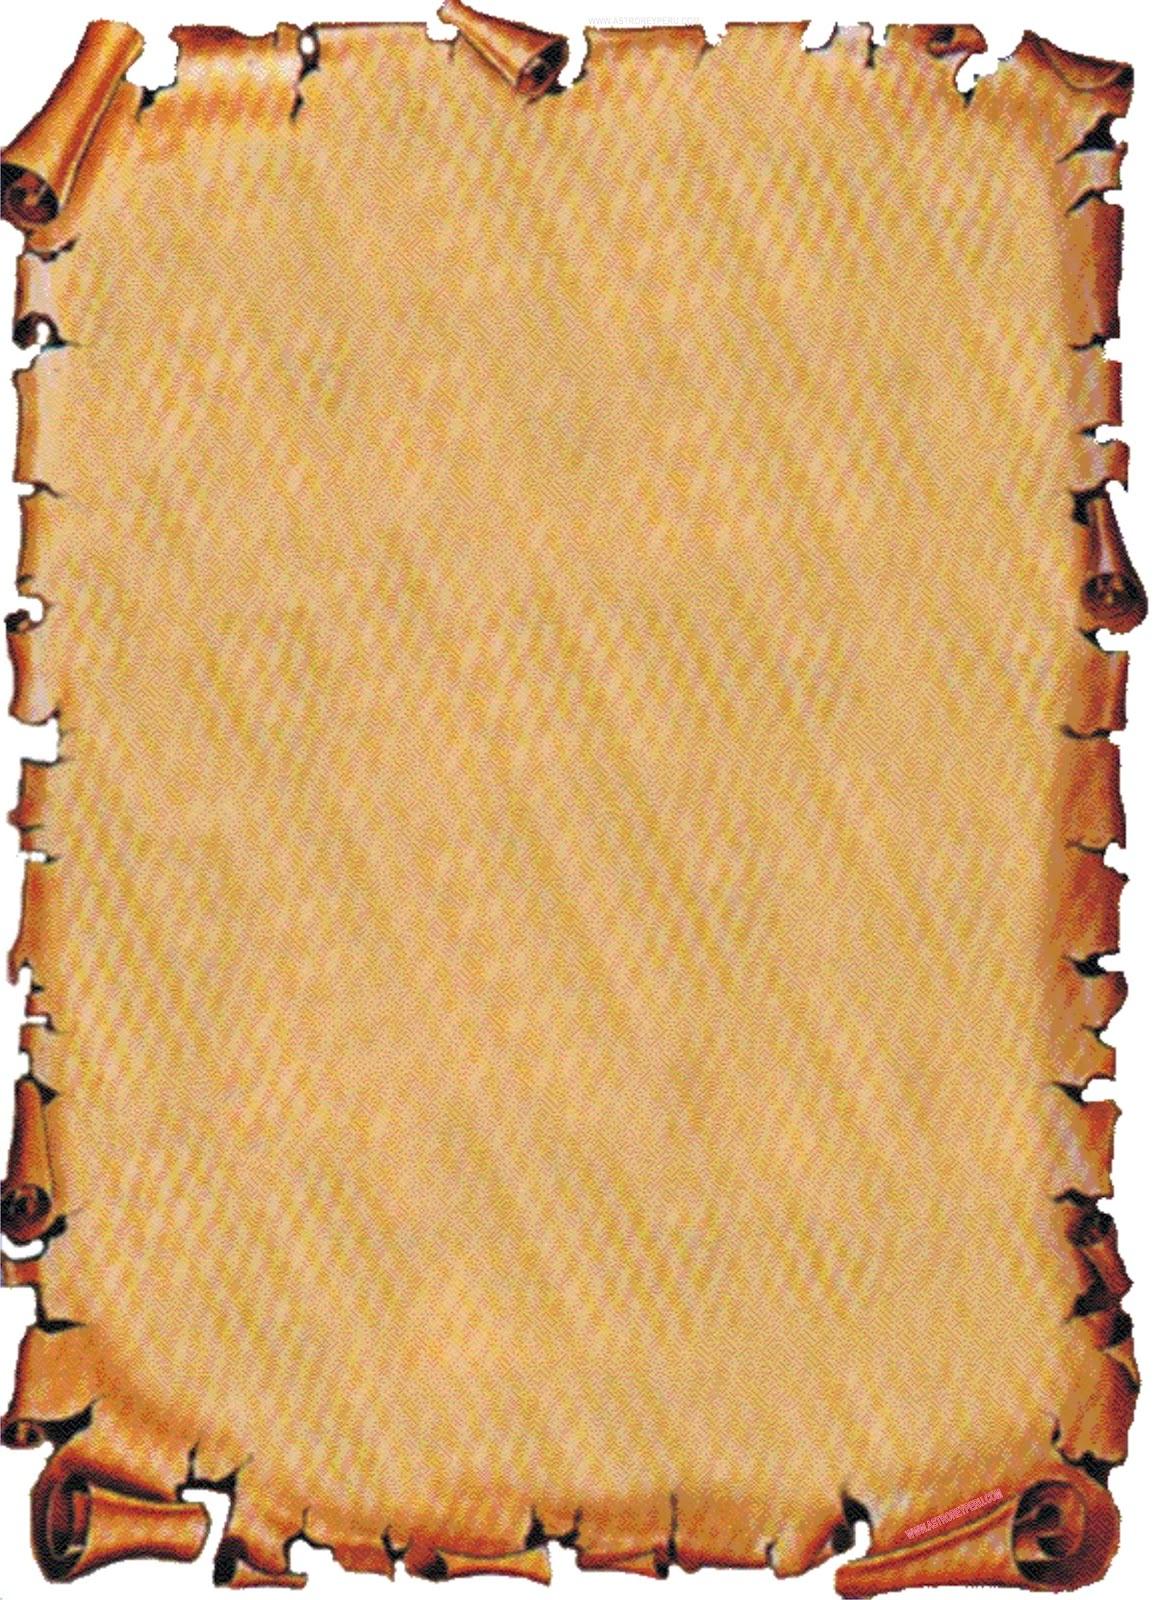 Caratulas Pergaminos Pictures Para Imagen